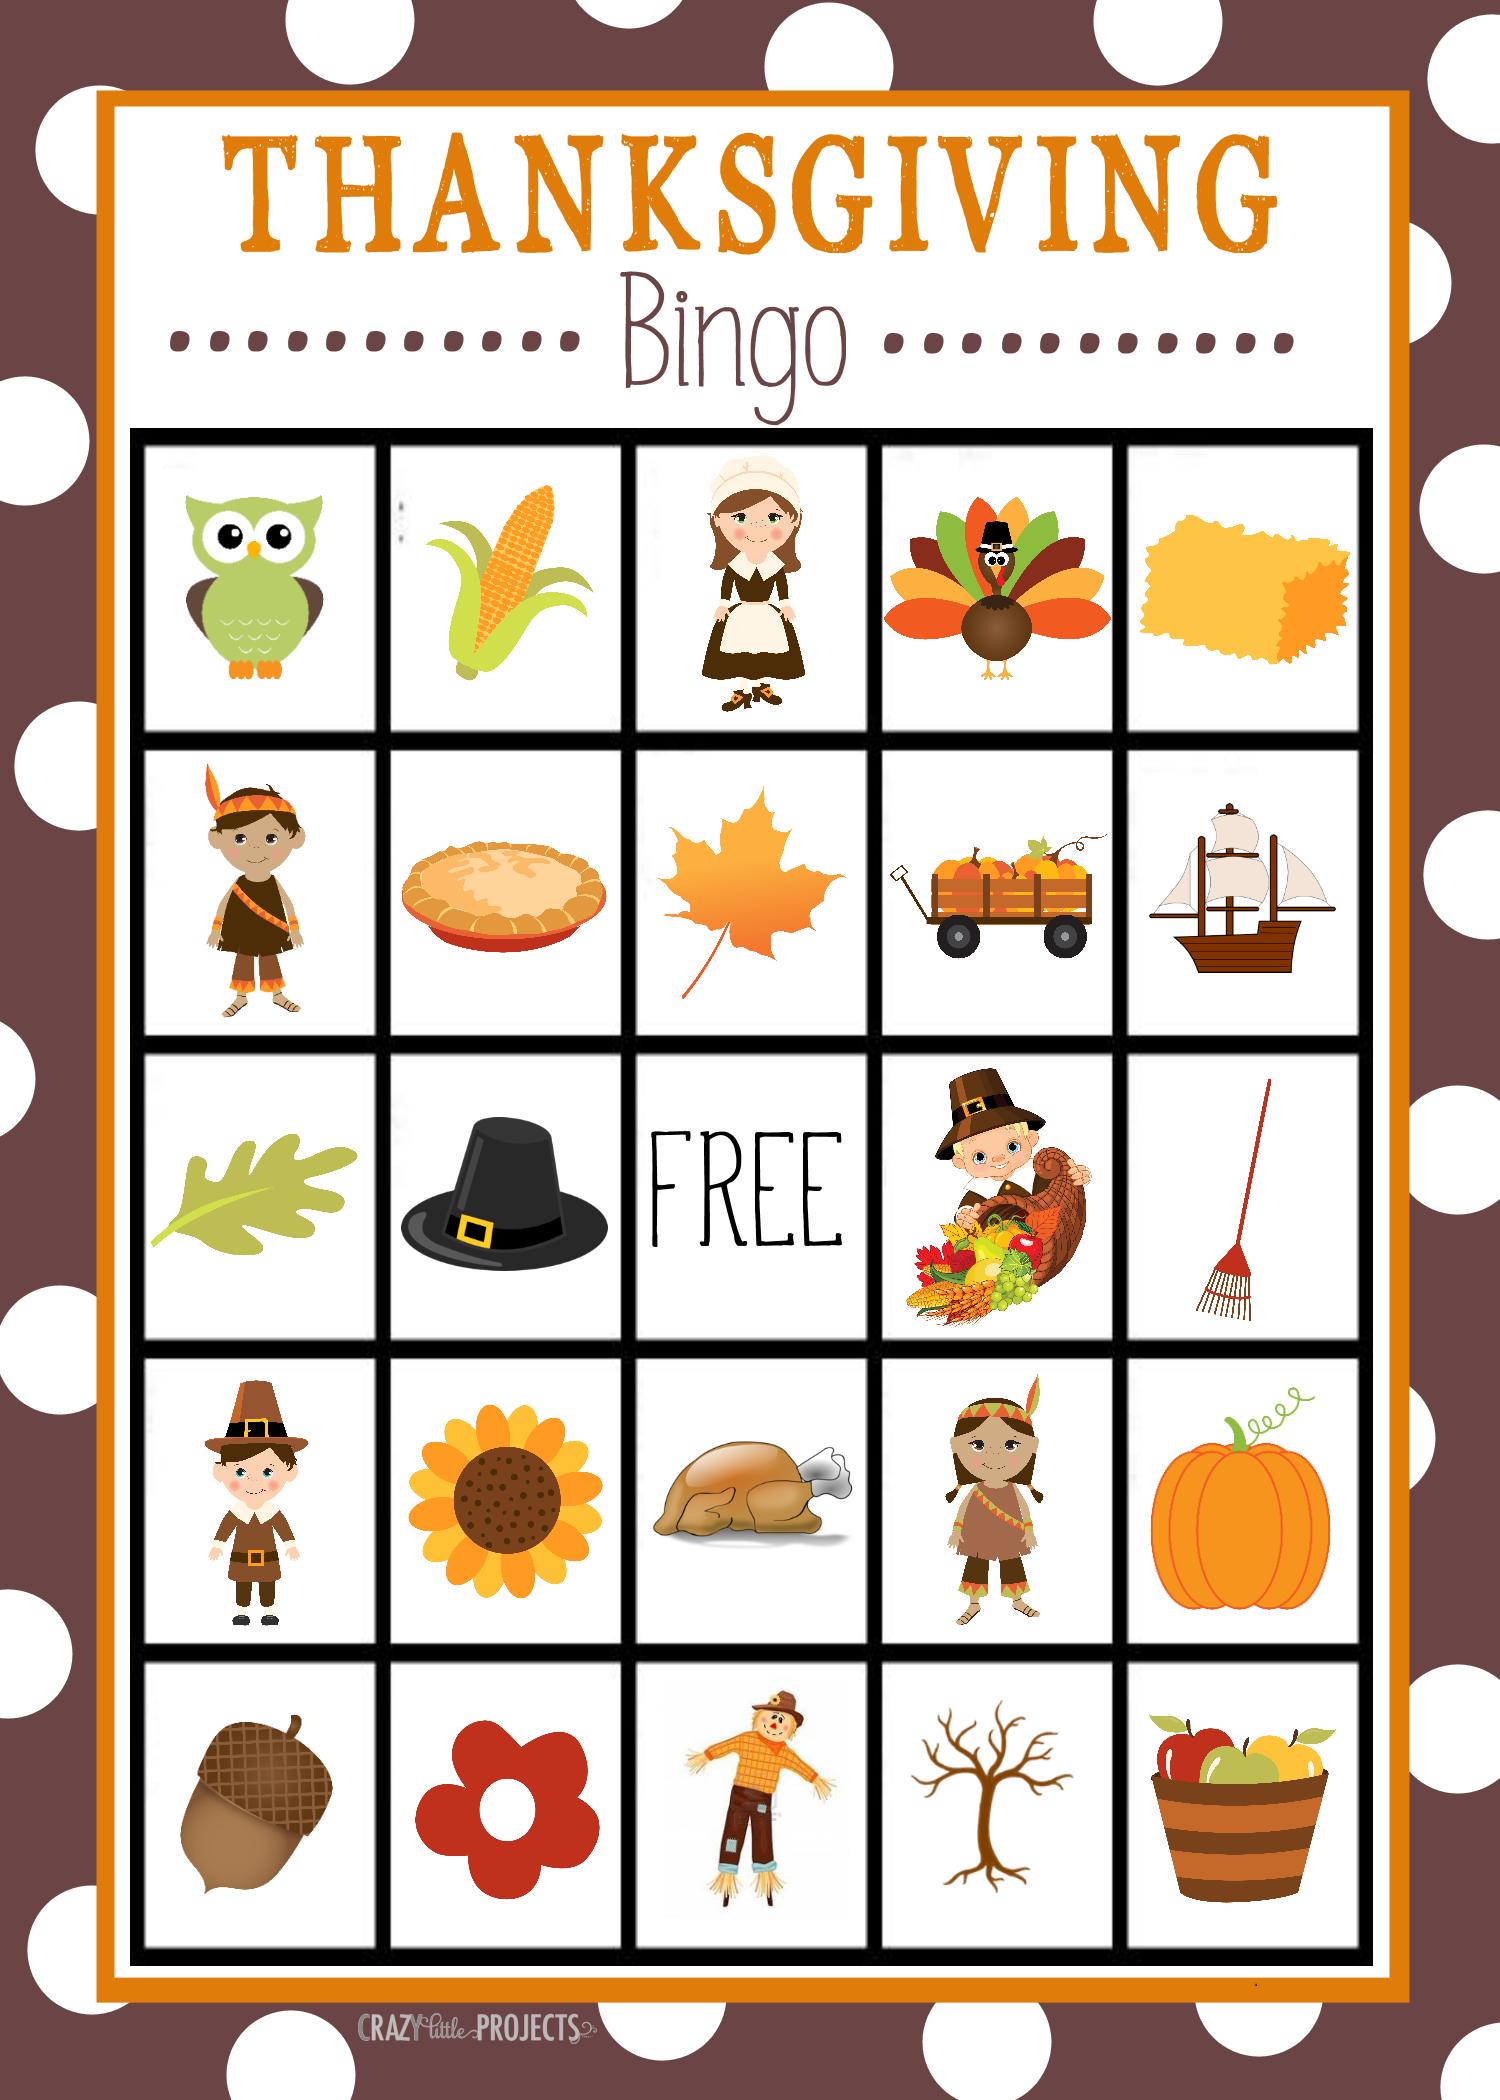 Free Printable Thanksgiving Bingo Game | Craft Time | Thanksgiving - Free Printable For Thanksgiving